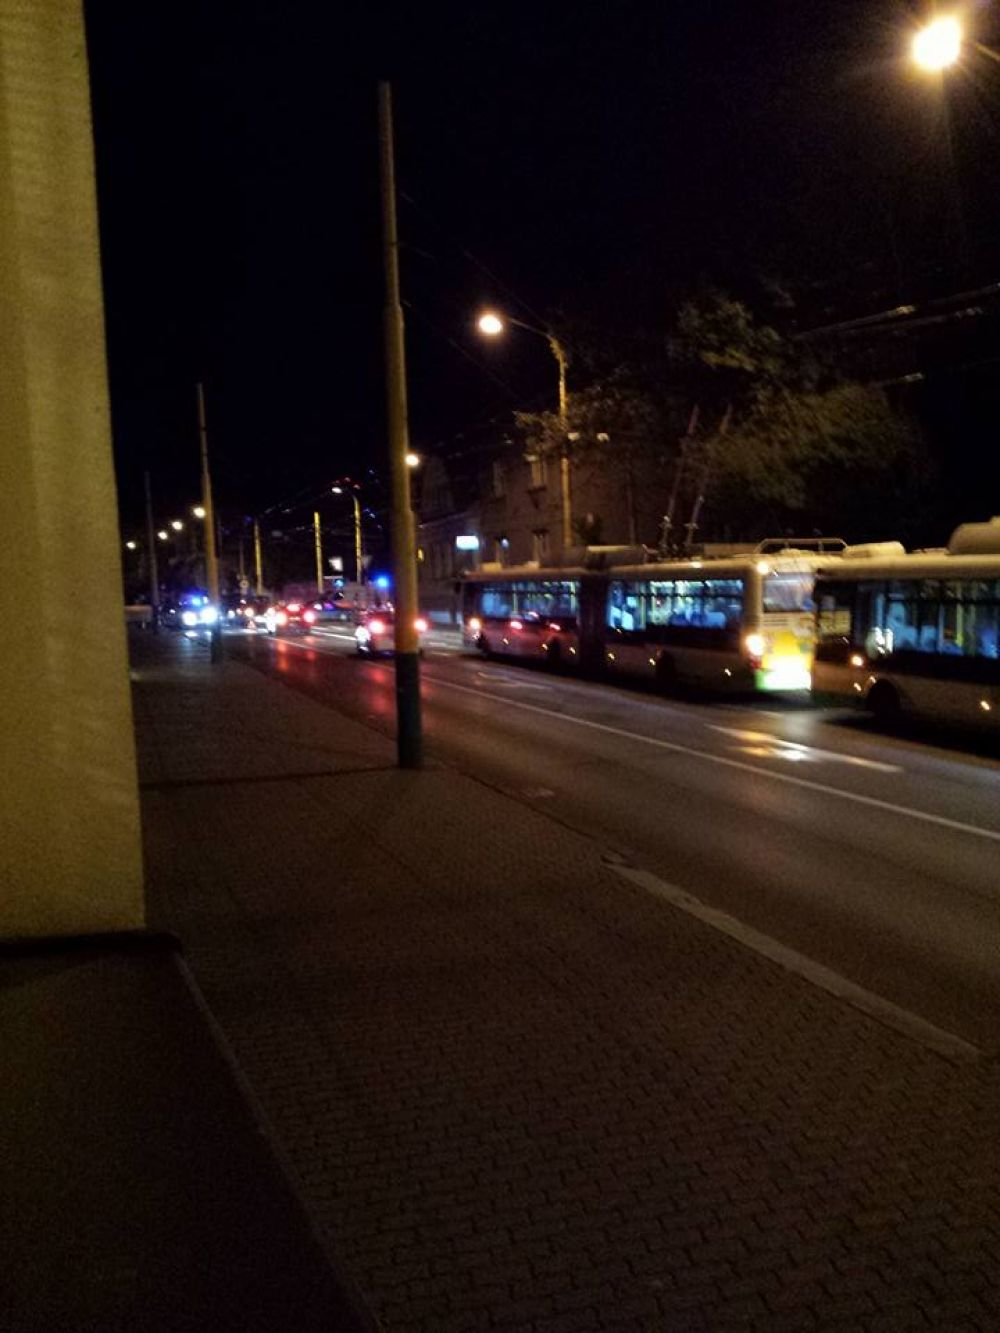 Dopravná nehoda cyklistu a osobného auta na Spanyolovej ulici 24.9.2015, foto 1